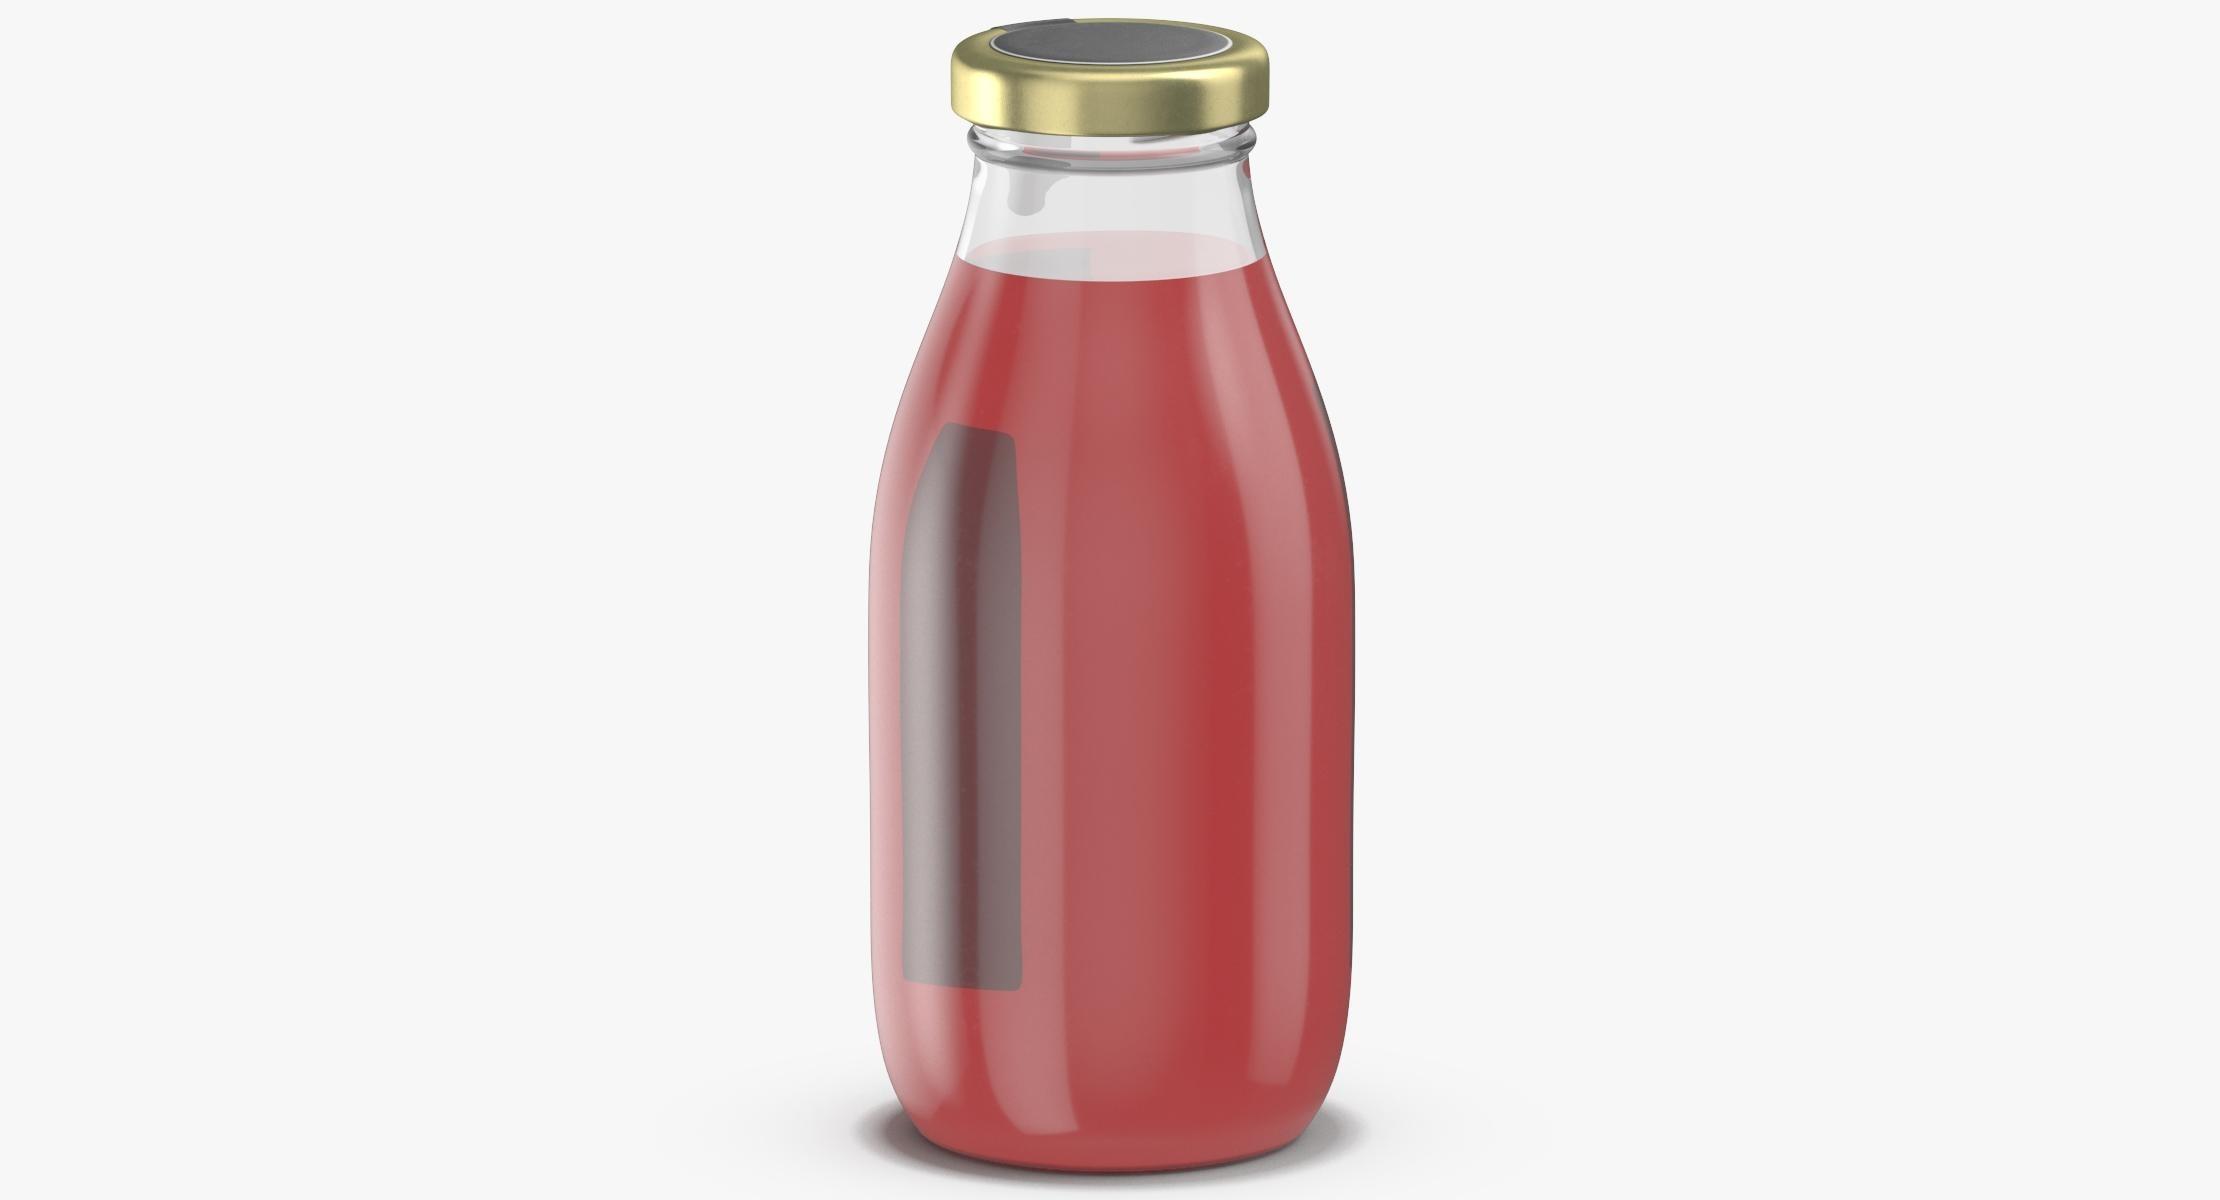 Juice Bottle - reel 1